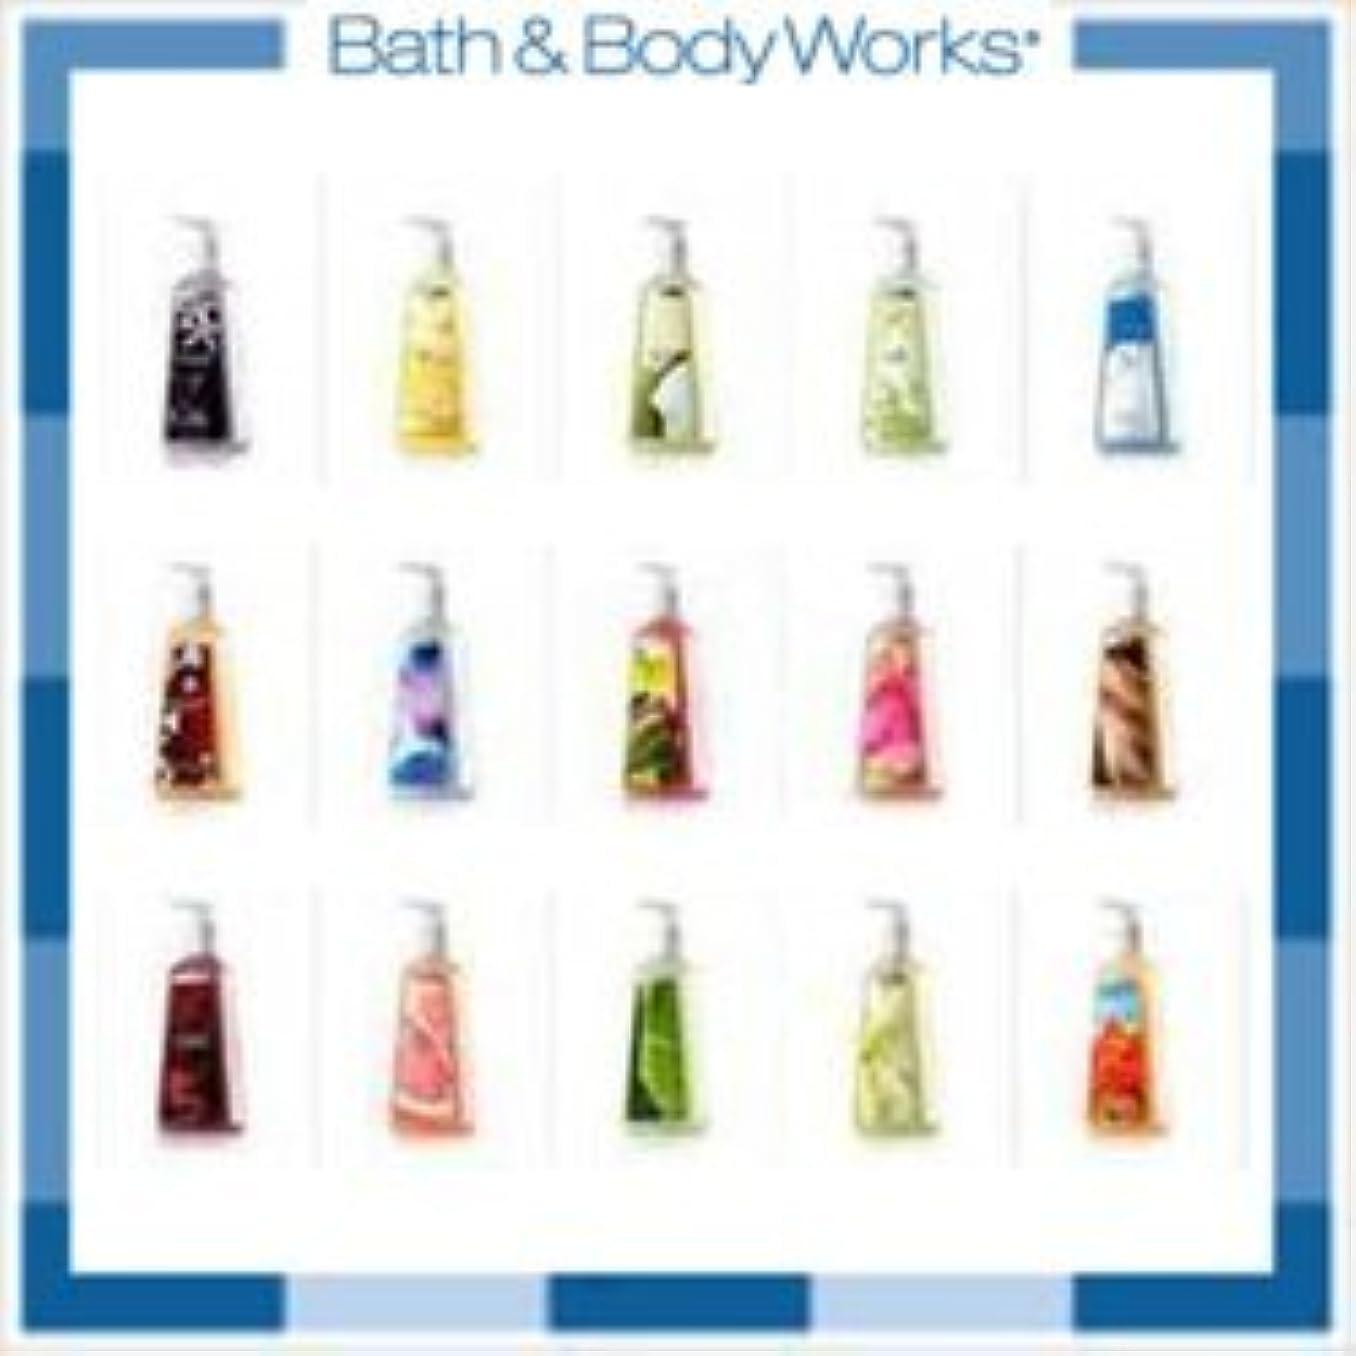 収束する無視できる普及Bath and Body Works ハンドソープ ディープクレンジング 12本詰め合わせセット[海外直送品]